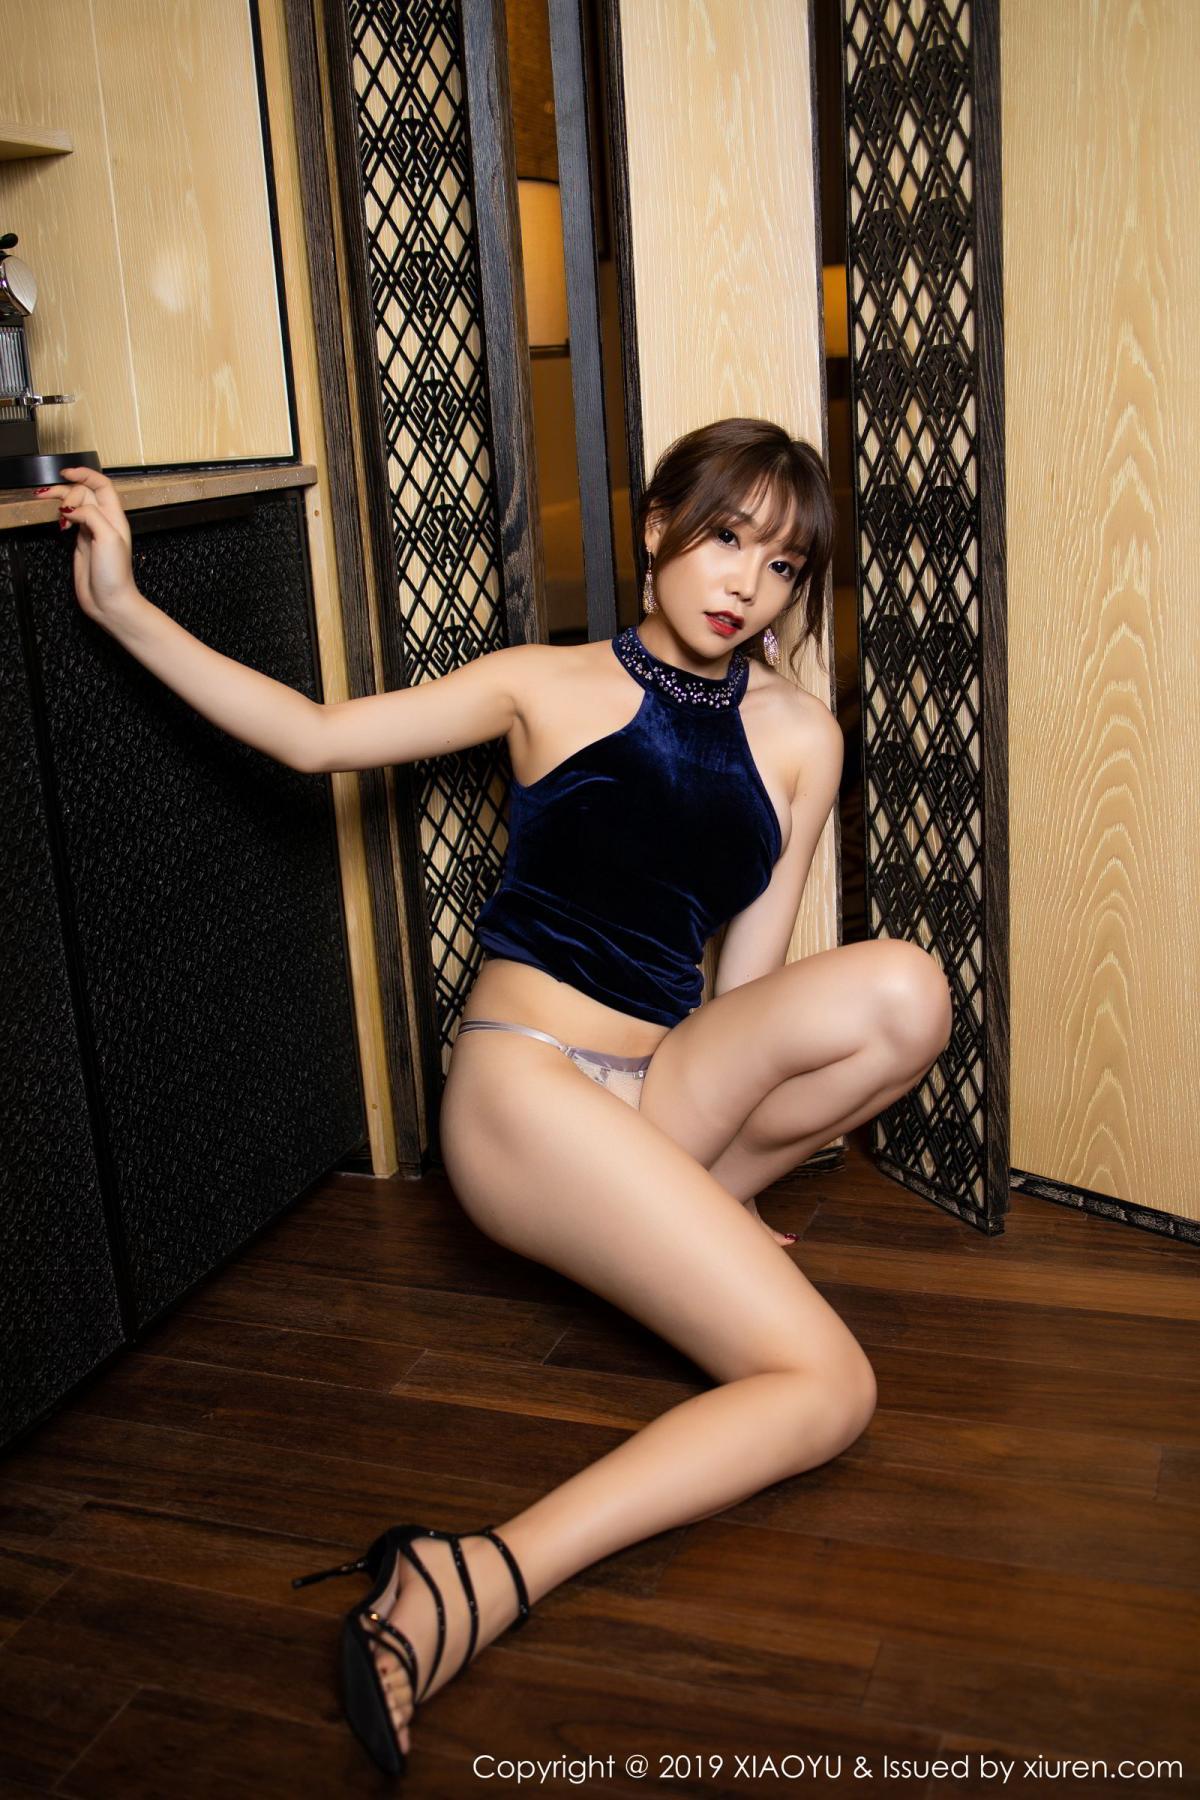 [XiaoYu] Vol.192 Chen Zhi 19P, Chen Zhi, Cheongsam, Tall, XiaoYu